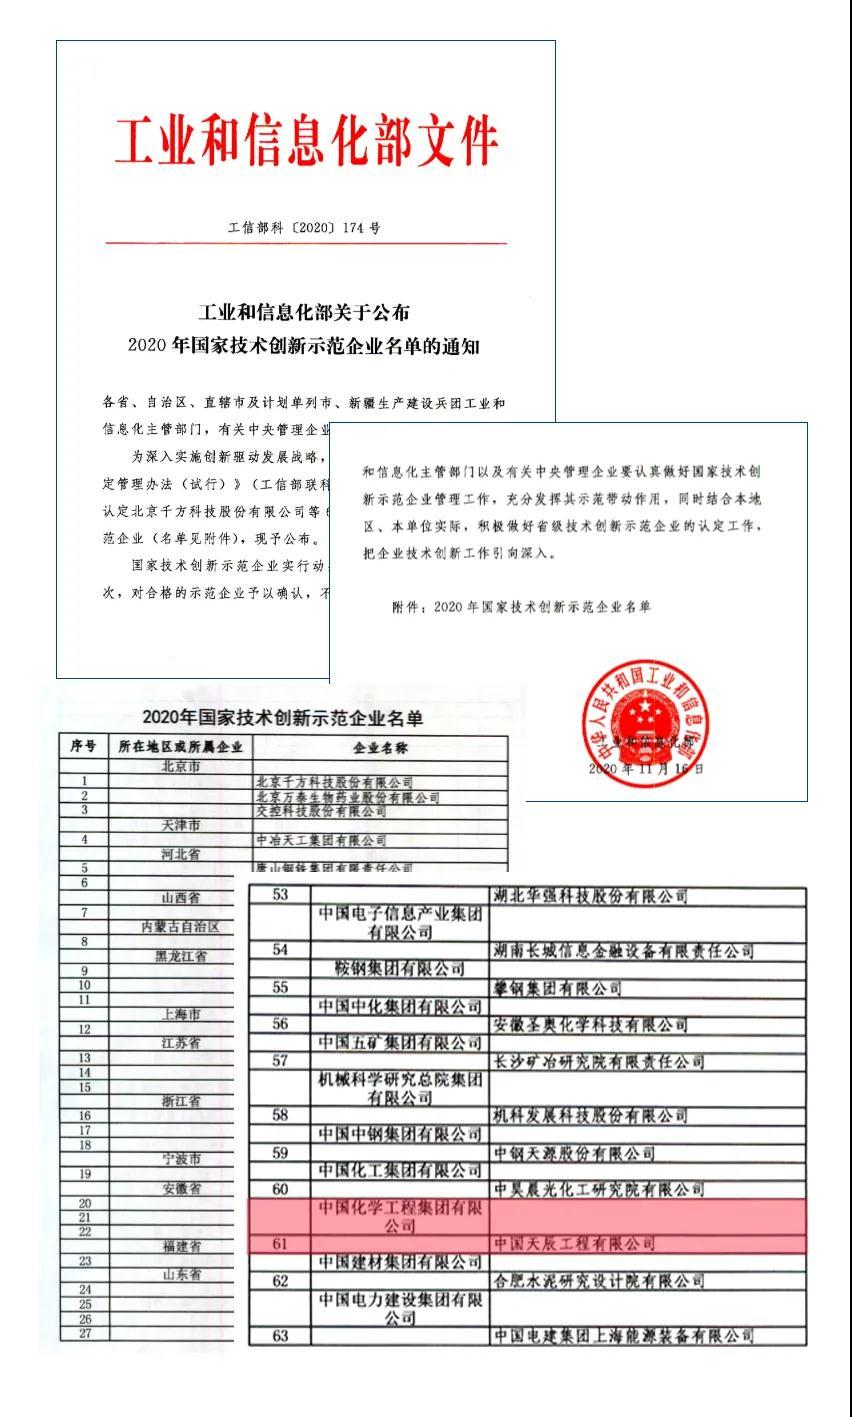 寰俊鍥剧墖_20201130151302.jpg